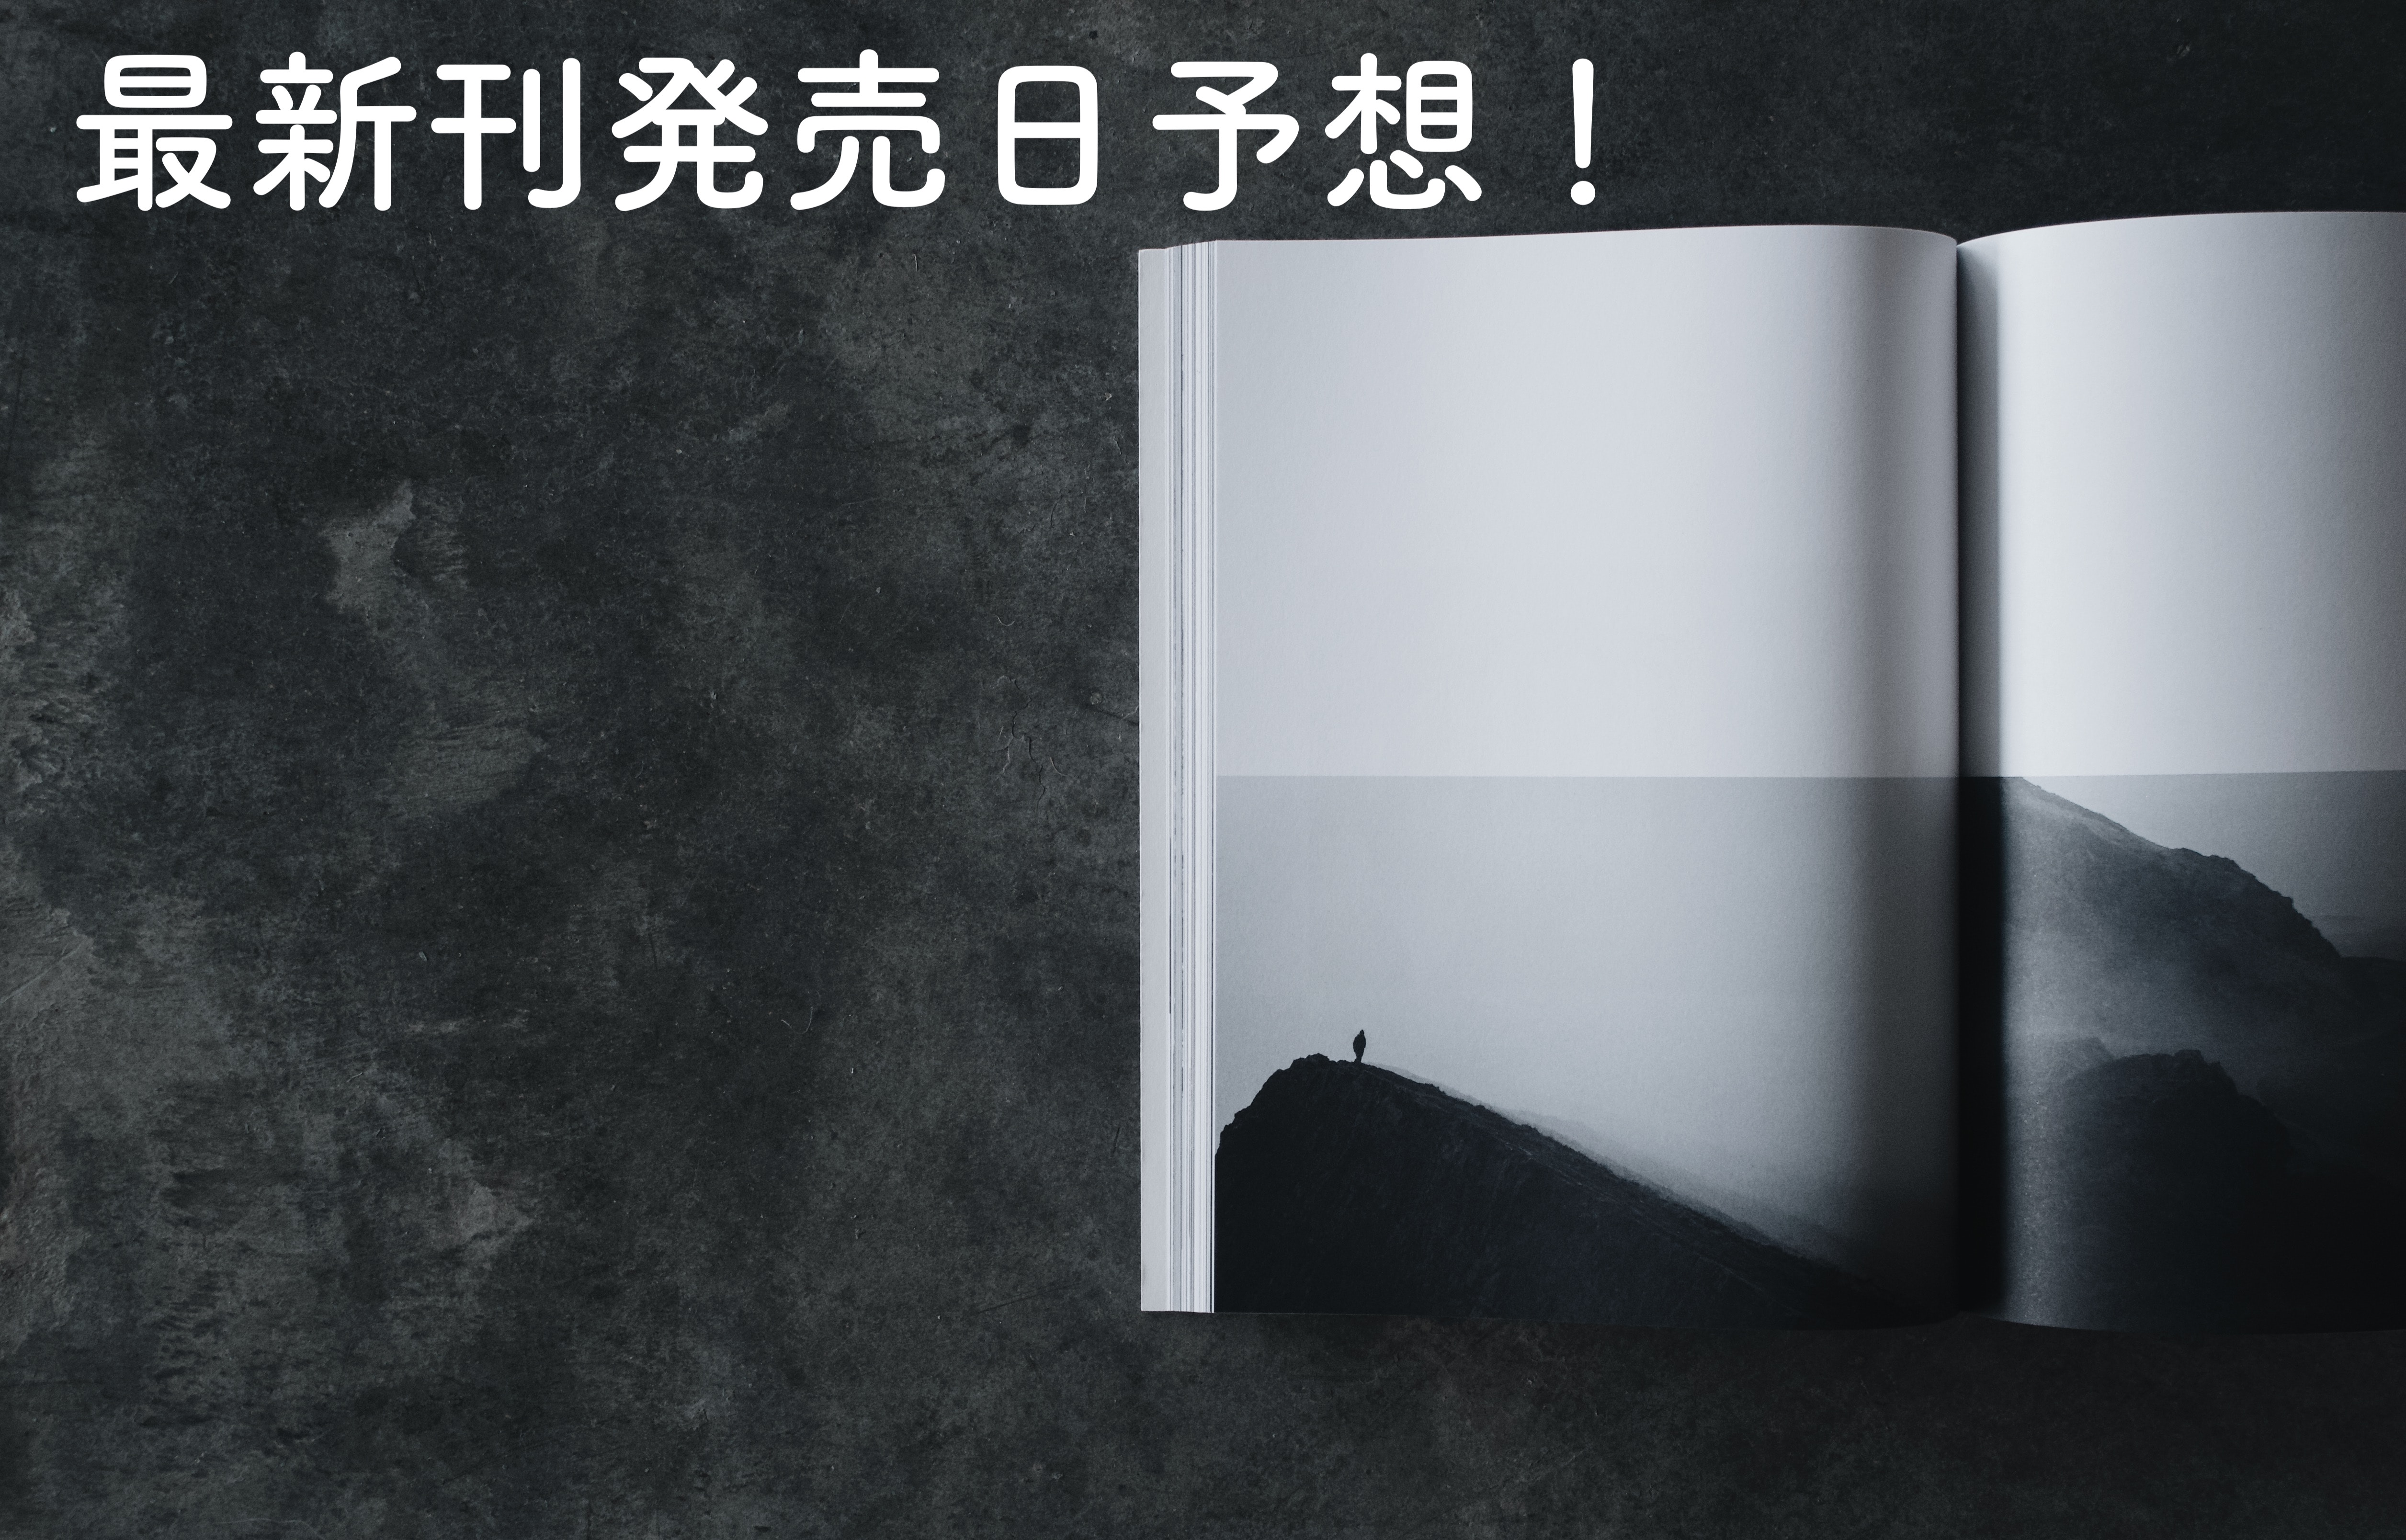 【紅霞後宮物語~小玉伝】最新刊9巻の発売日予想!収録話を無料で読む方法も